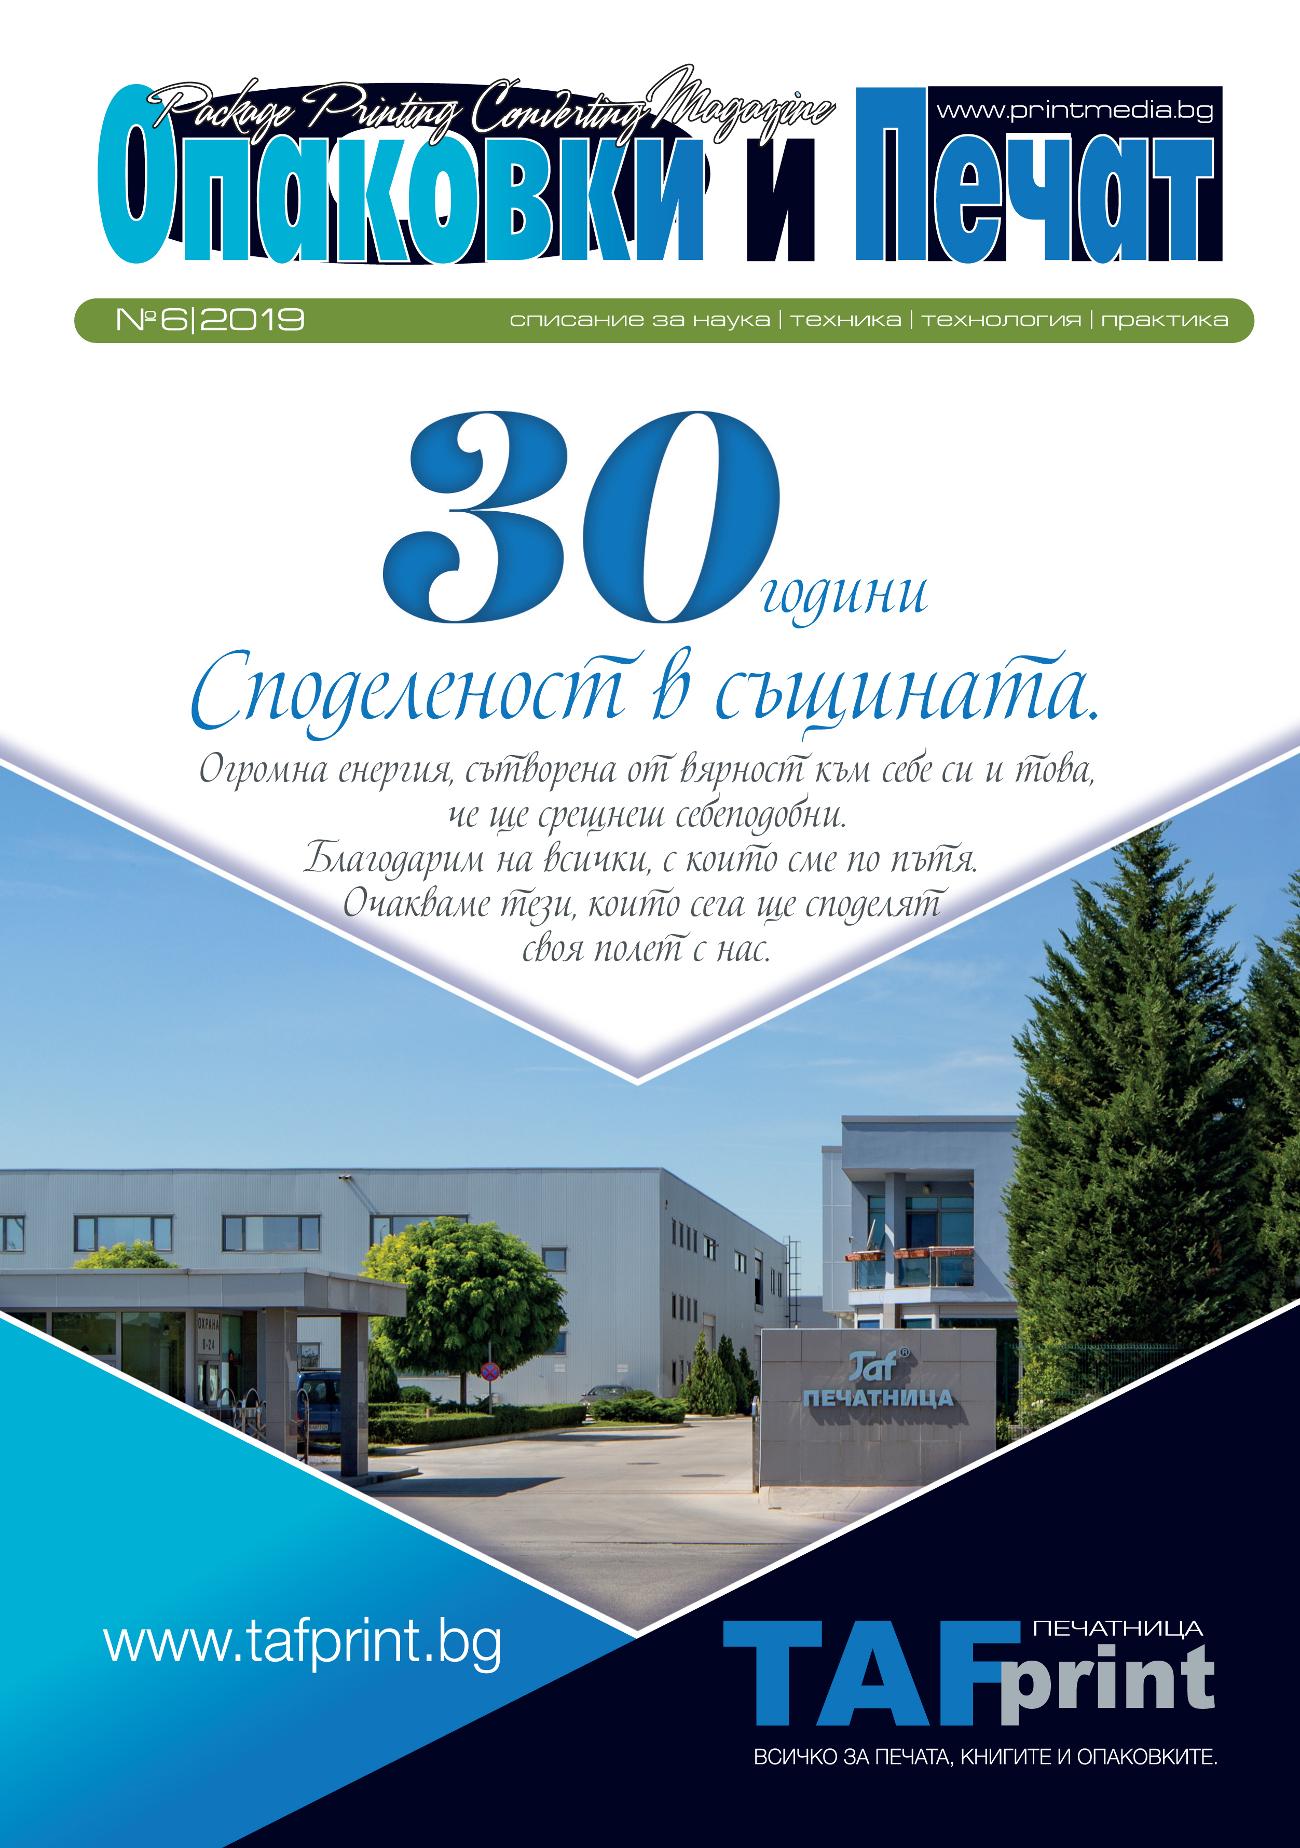 Списание Опаковки и Печат излиза с брой шести за 2019